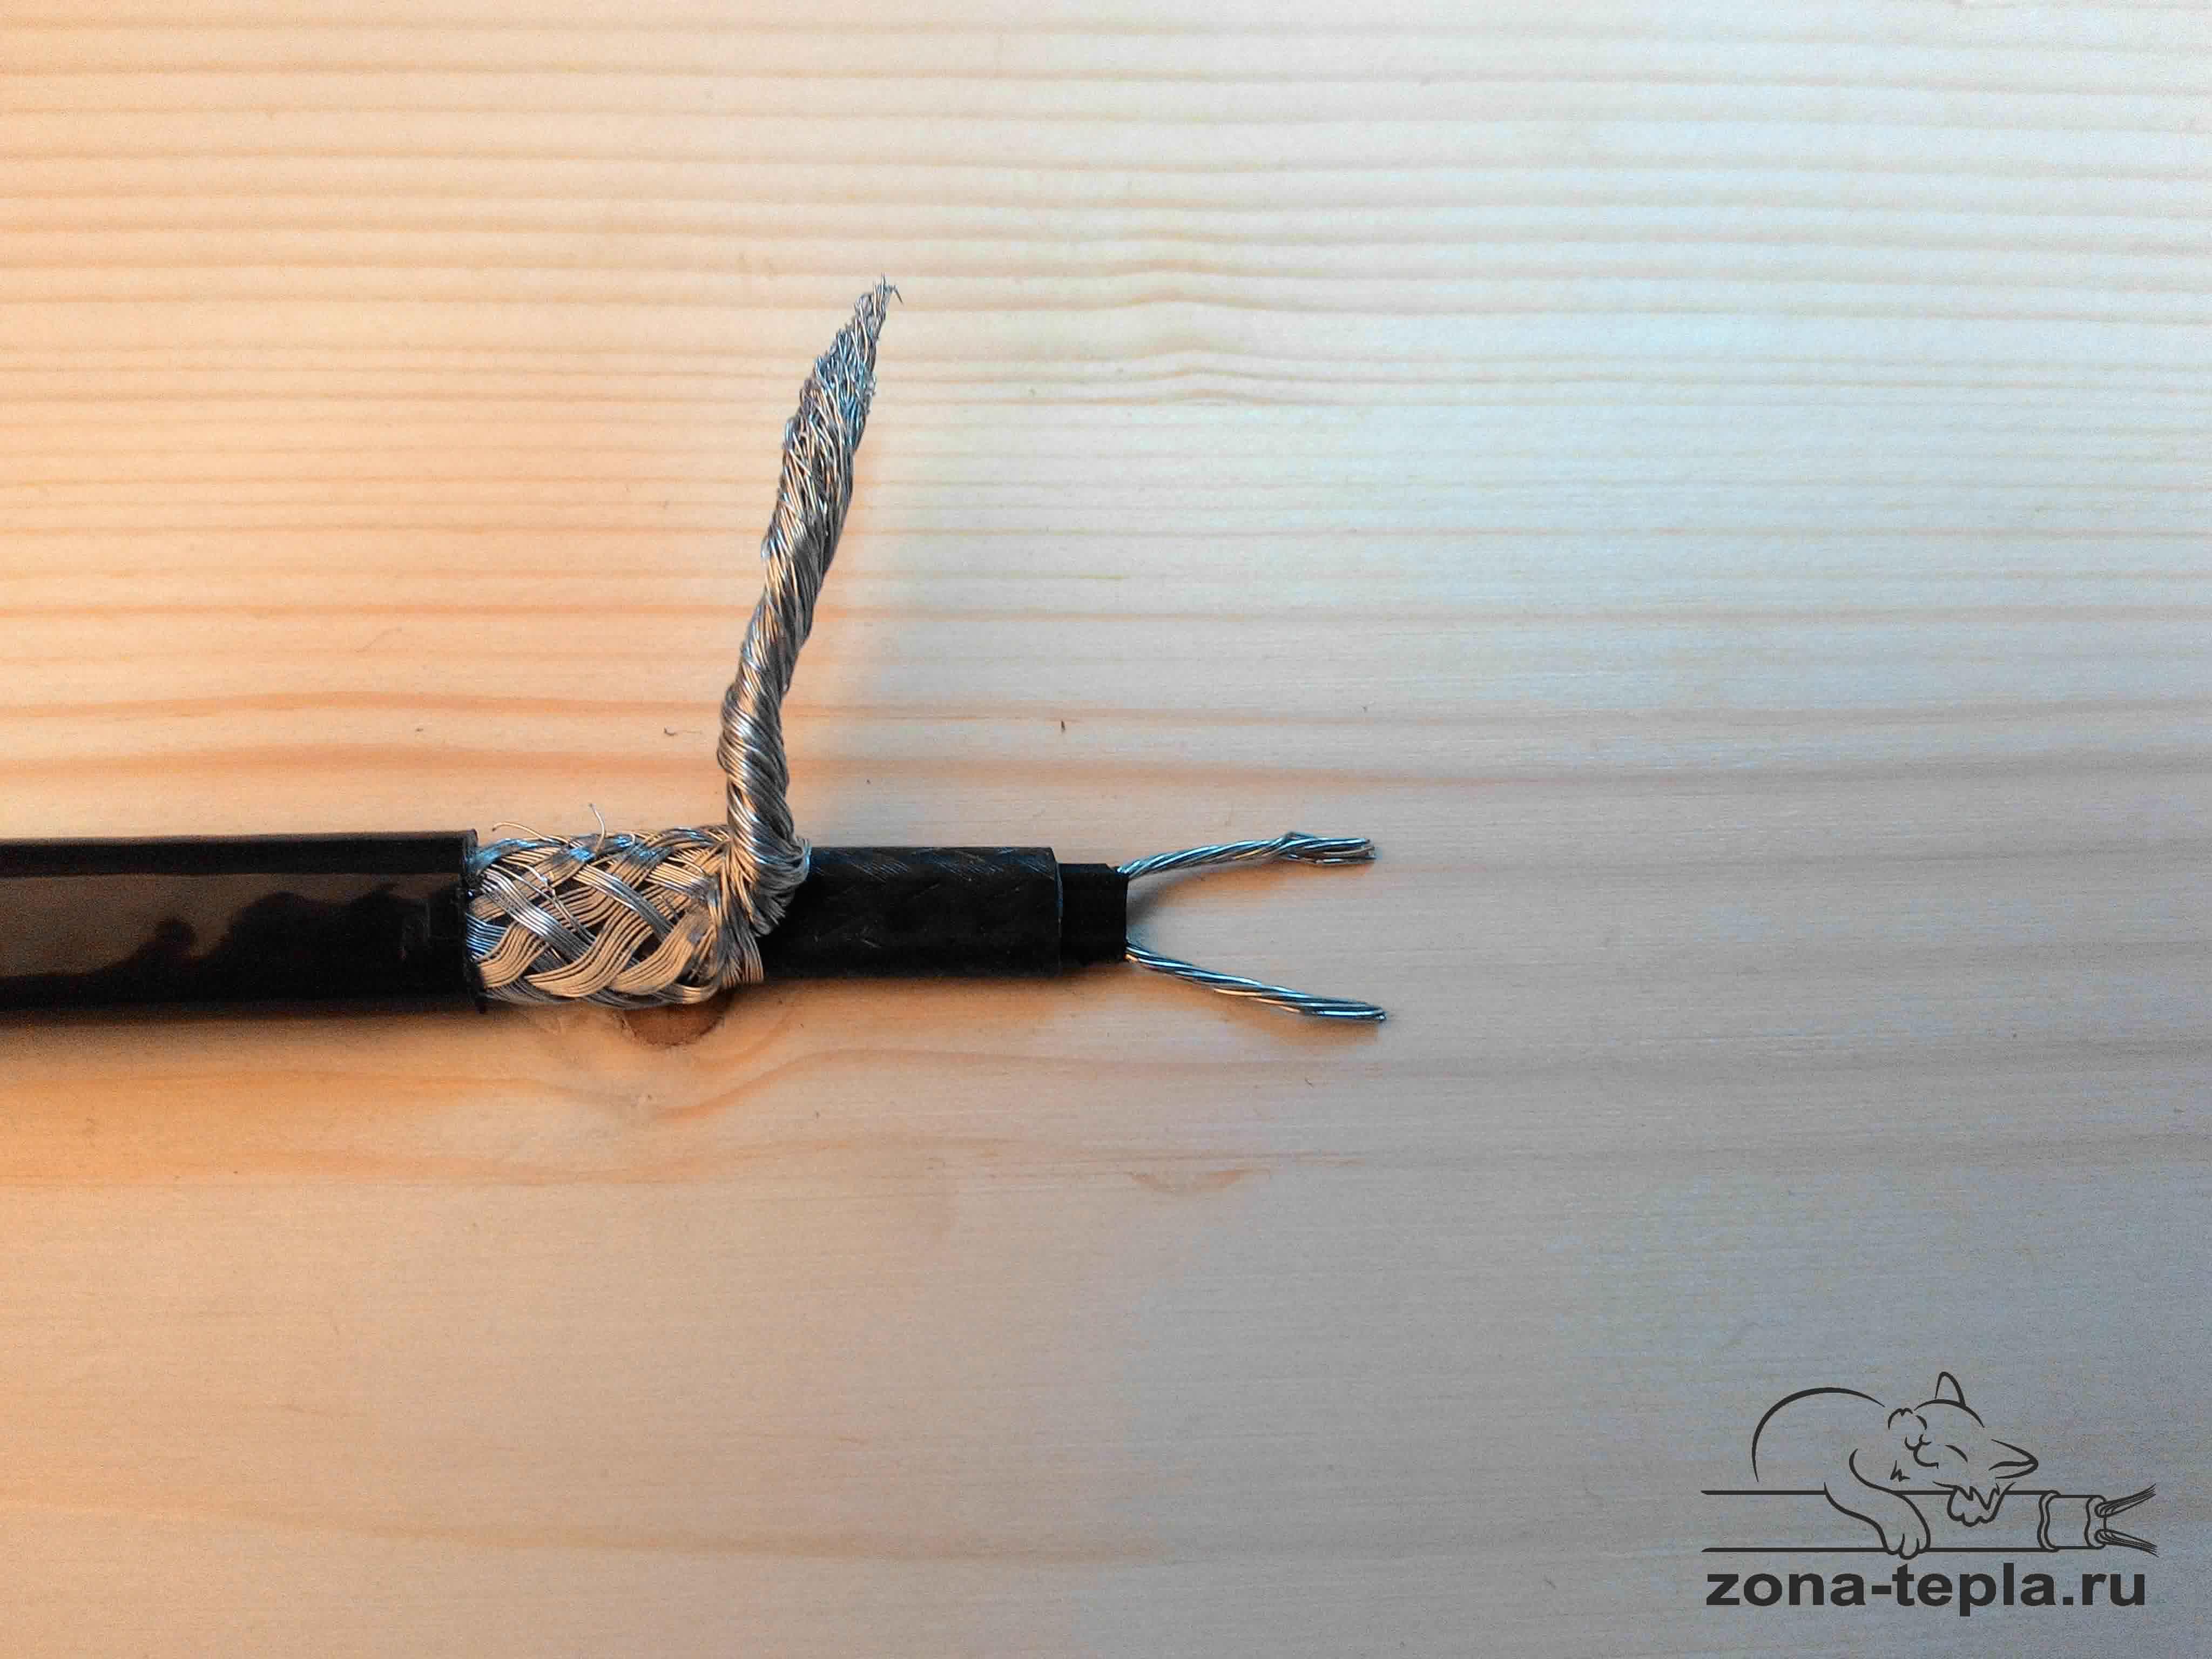 Саморегулирующийся греющий кабель внутри трубы SEU-20